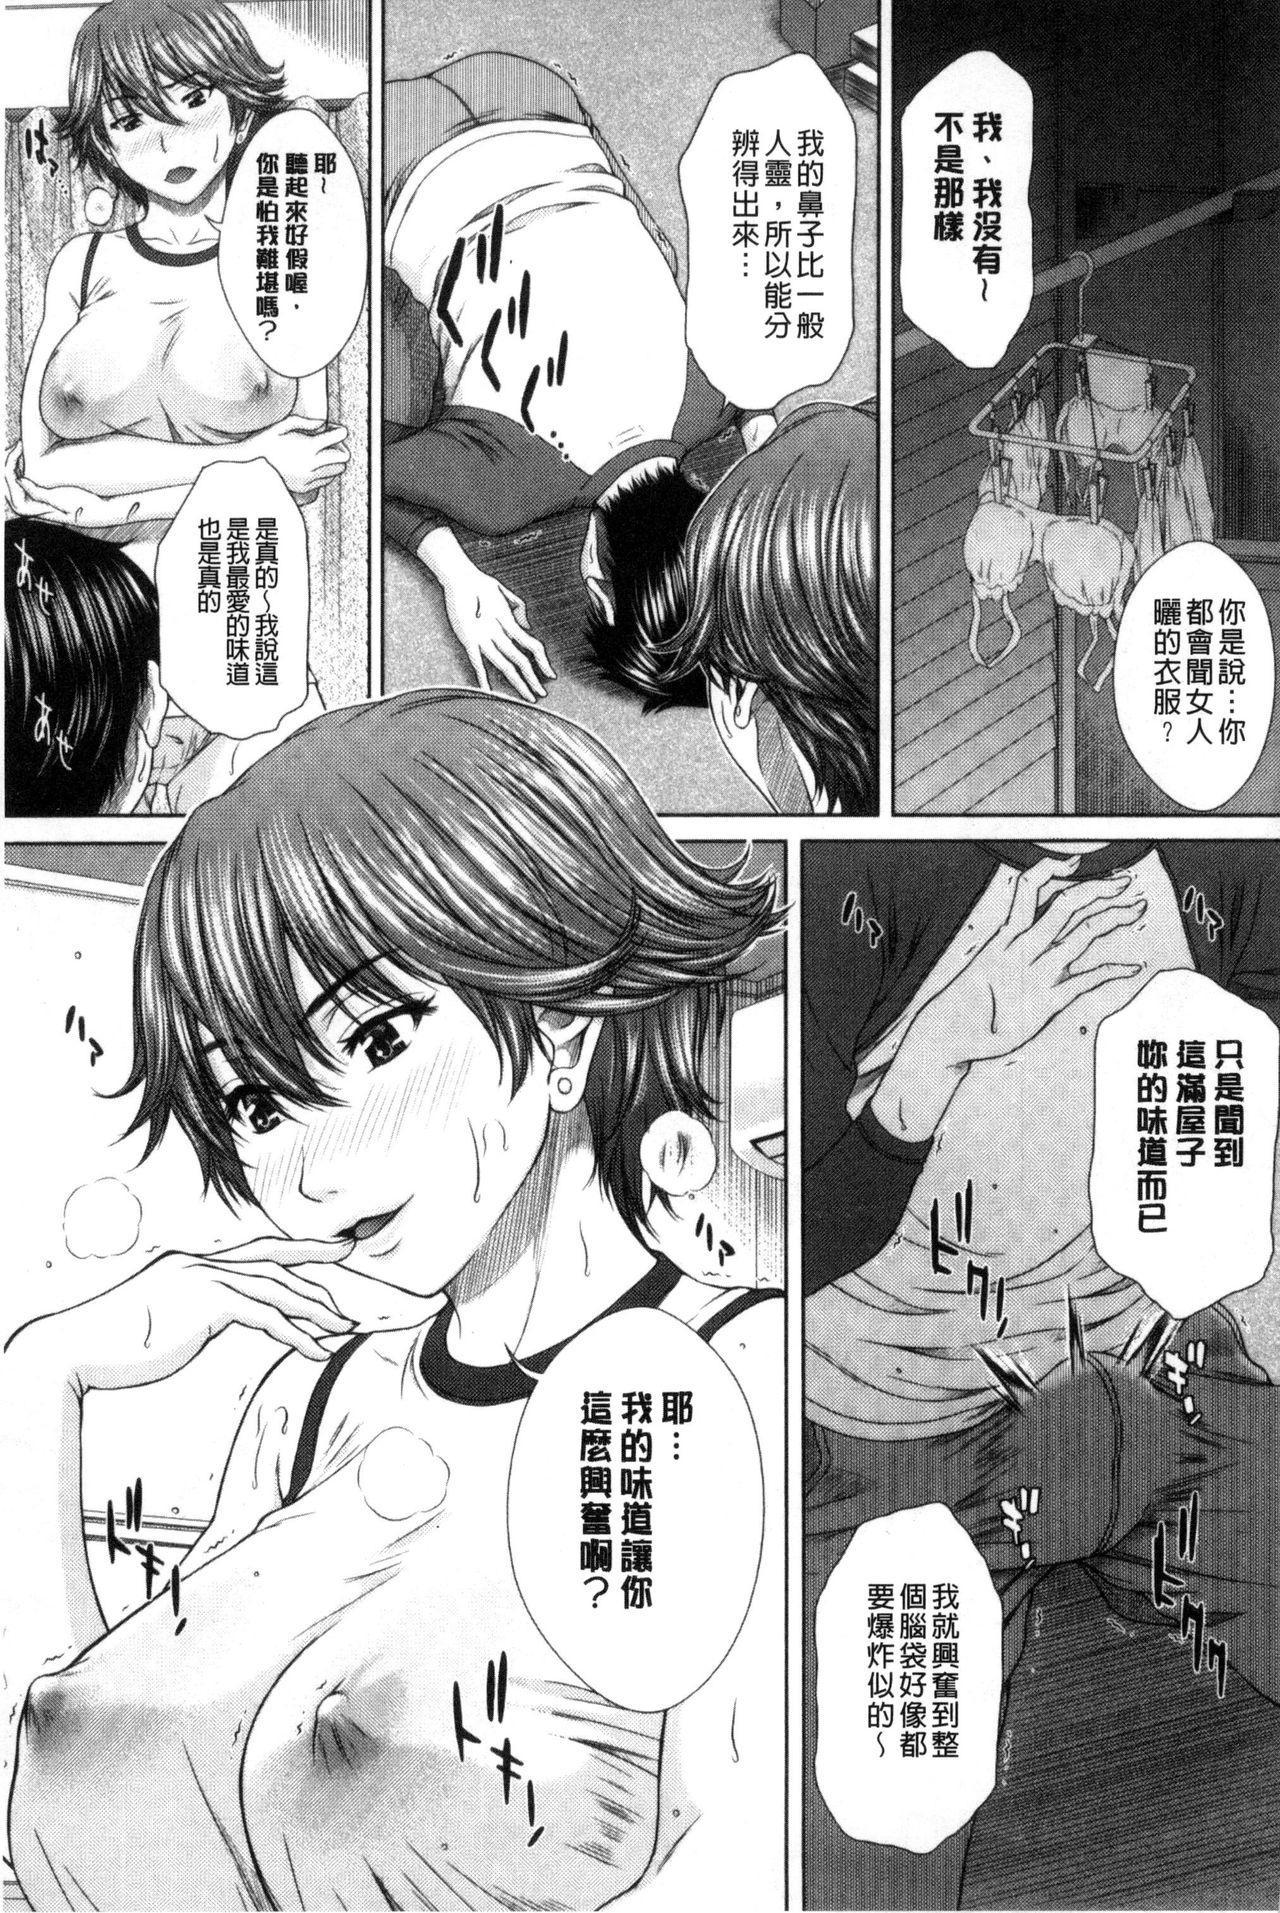 Mesukano Inbina Mesu Kanojotachi To No Hibi 13